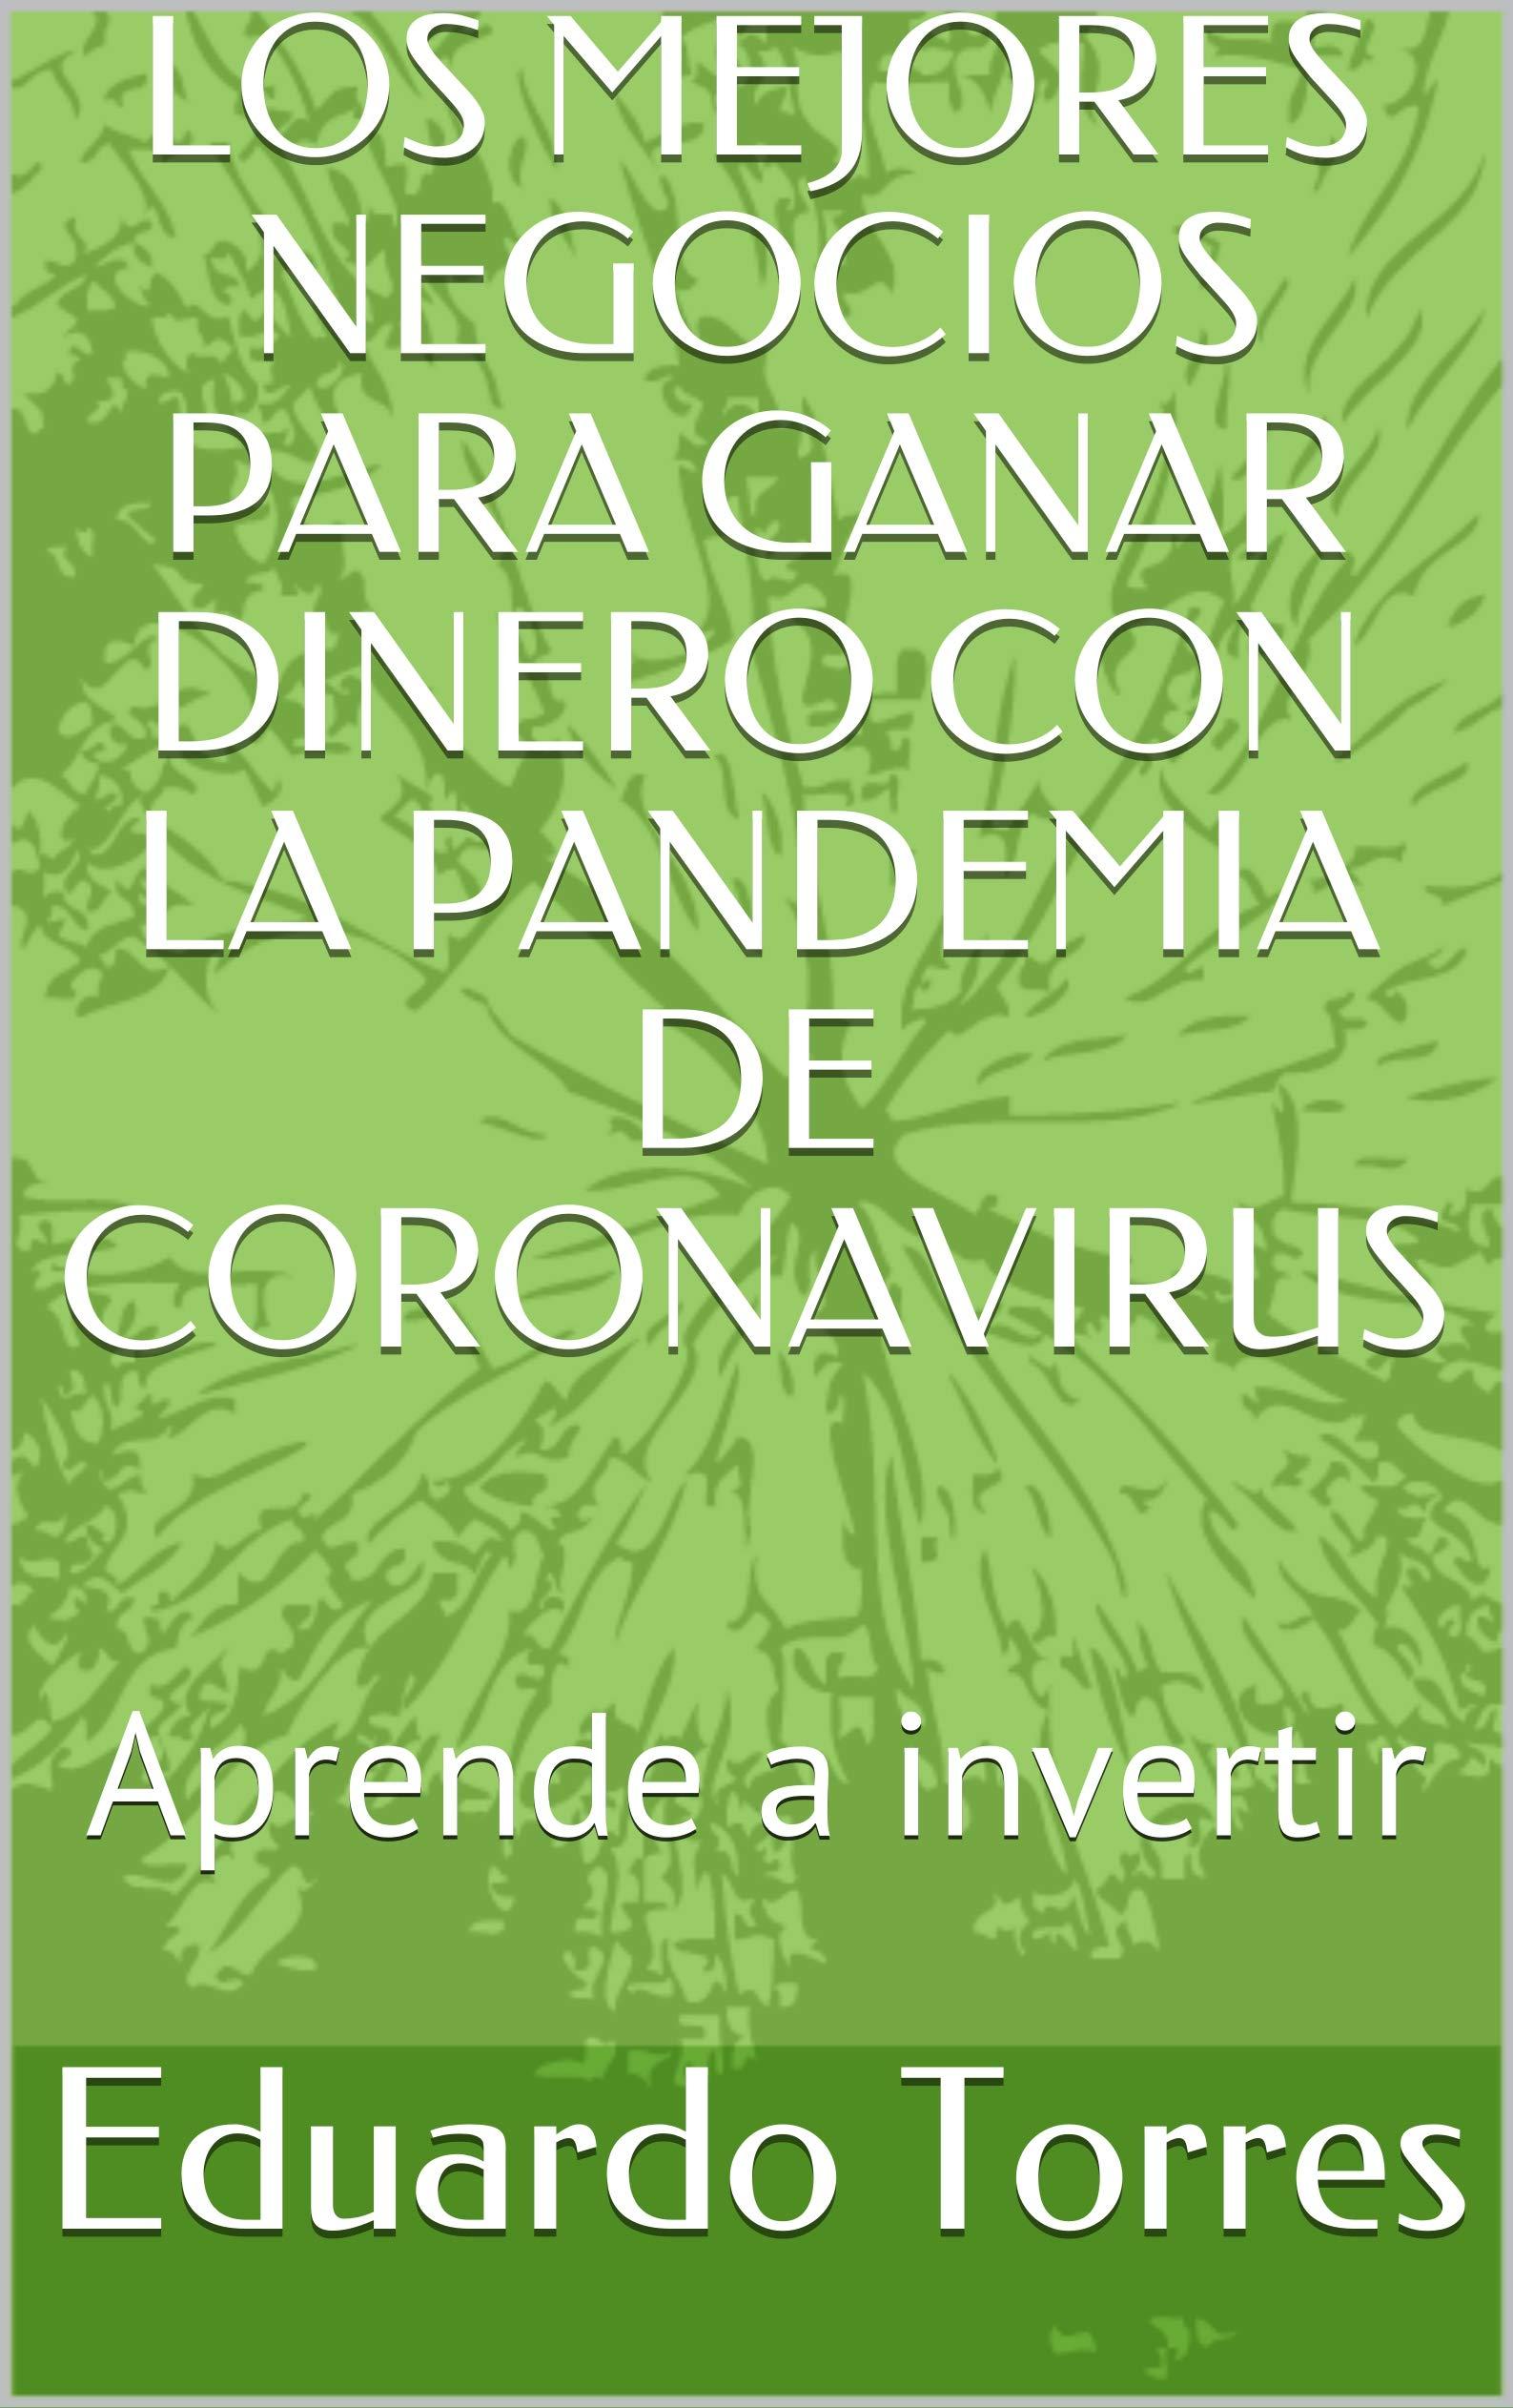 LOS MEJORES NEGOCIOS PARA GANAR DINERO CON LA PANDEMIA DE CORONAVIRUS: Aprende a invertir (Spanish Edition)